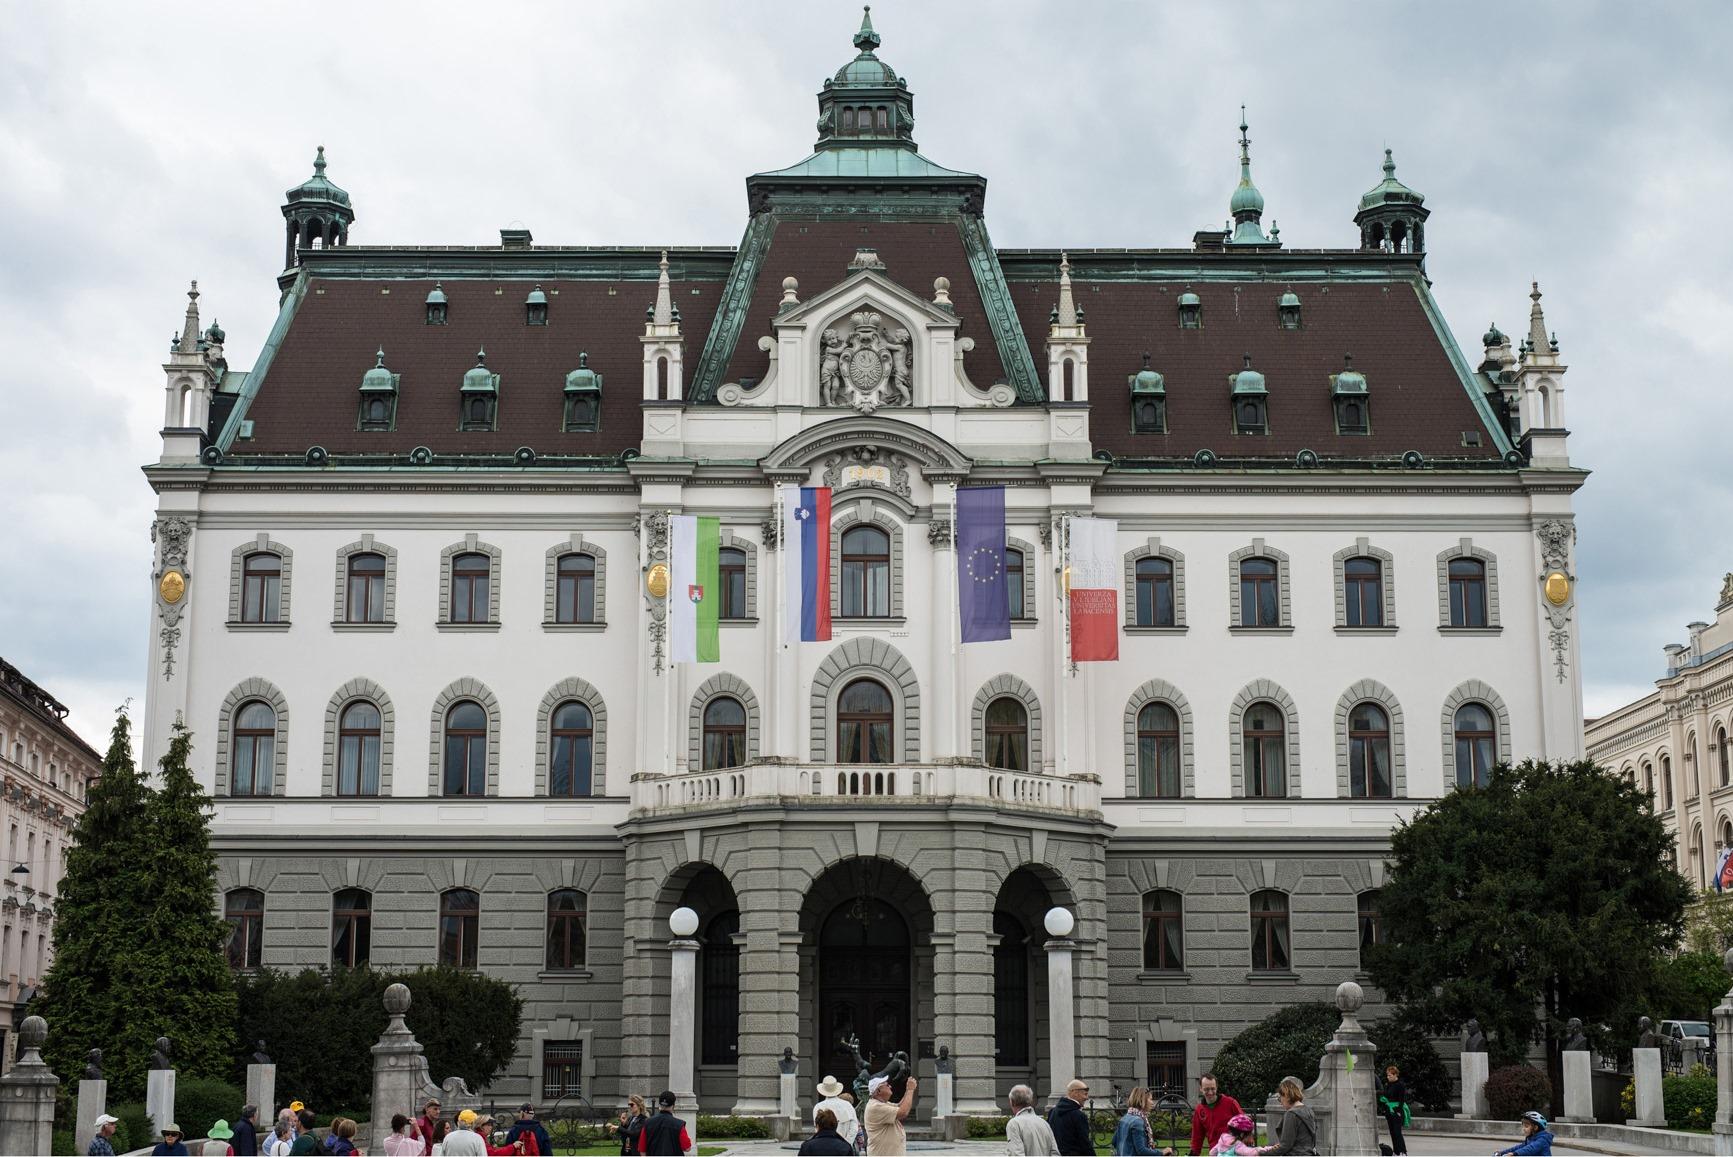 Marrëveshje me Universitetin e Lubjanës për shkëmbime të stafit akademik